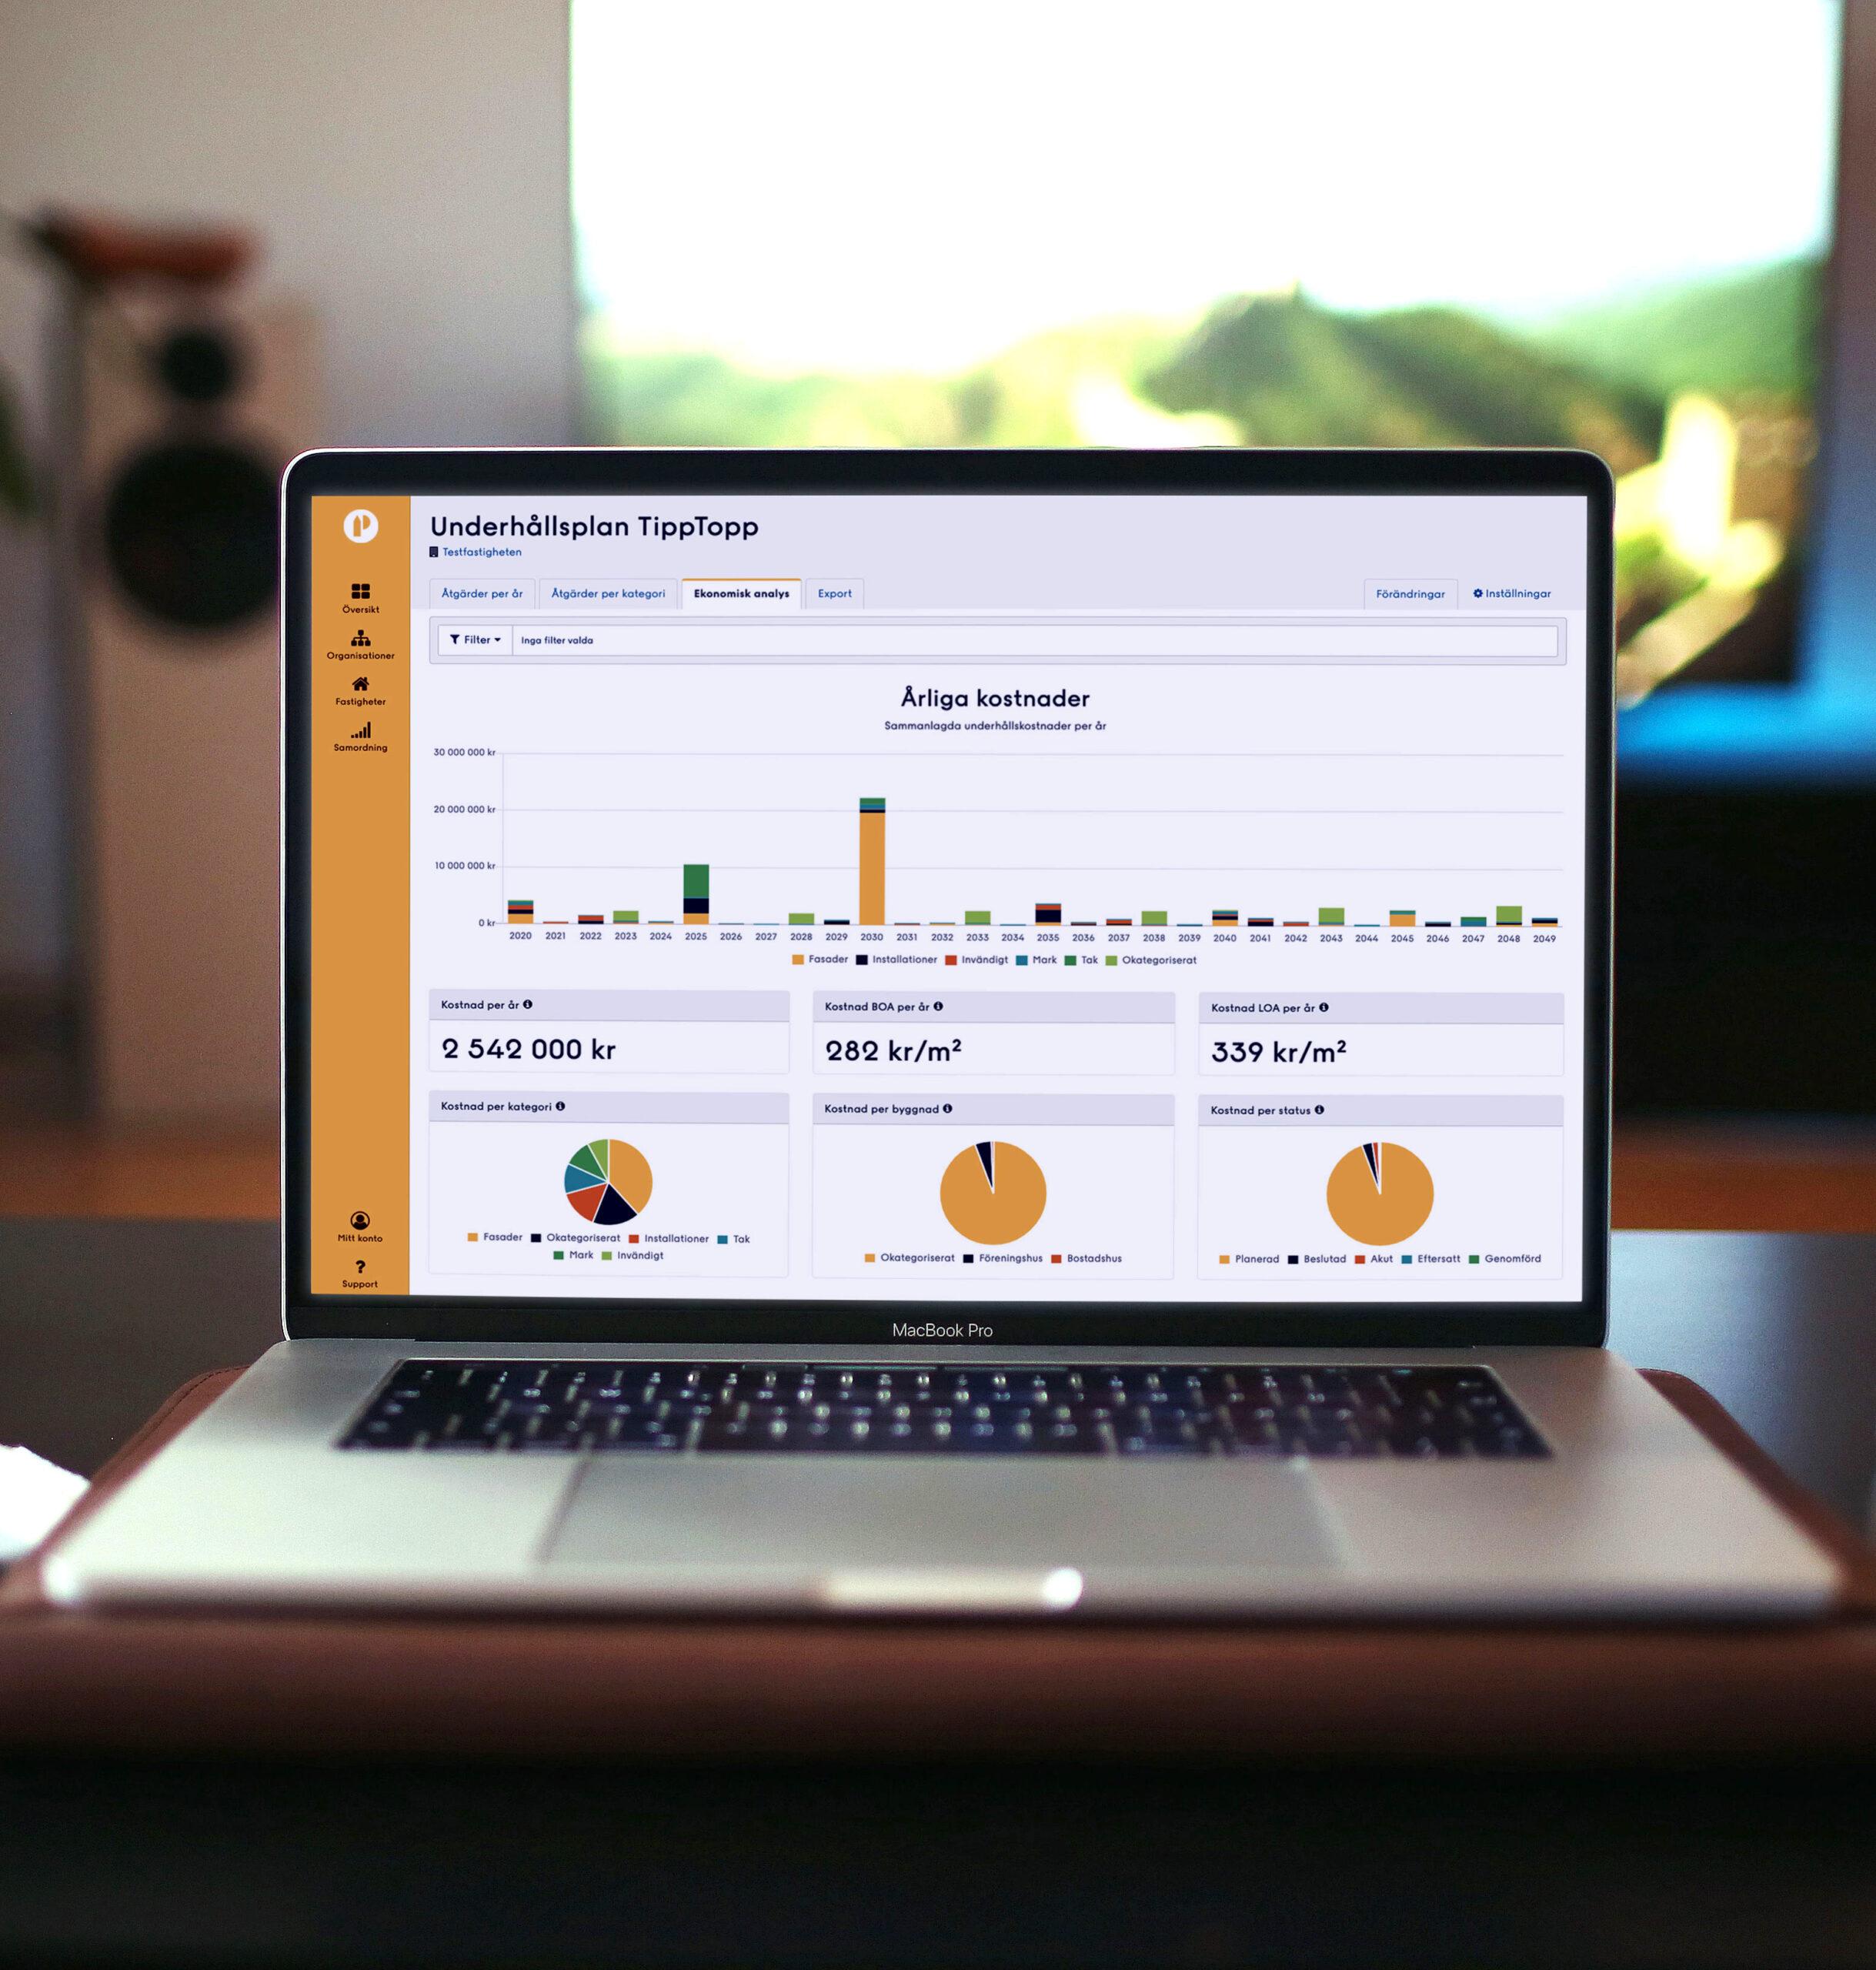 Laptop på bord med Planima på skärmen, en webbtjänst för underhållsplanering